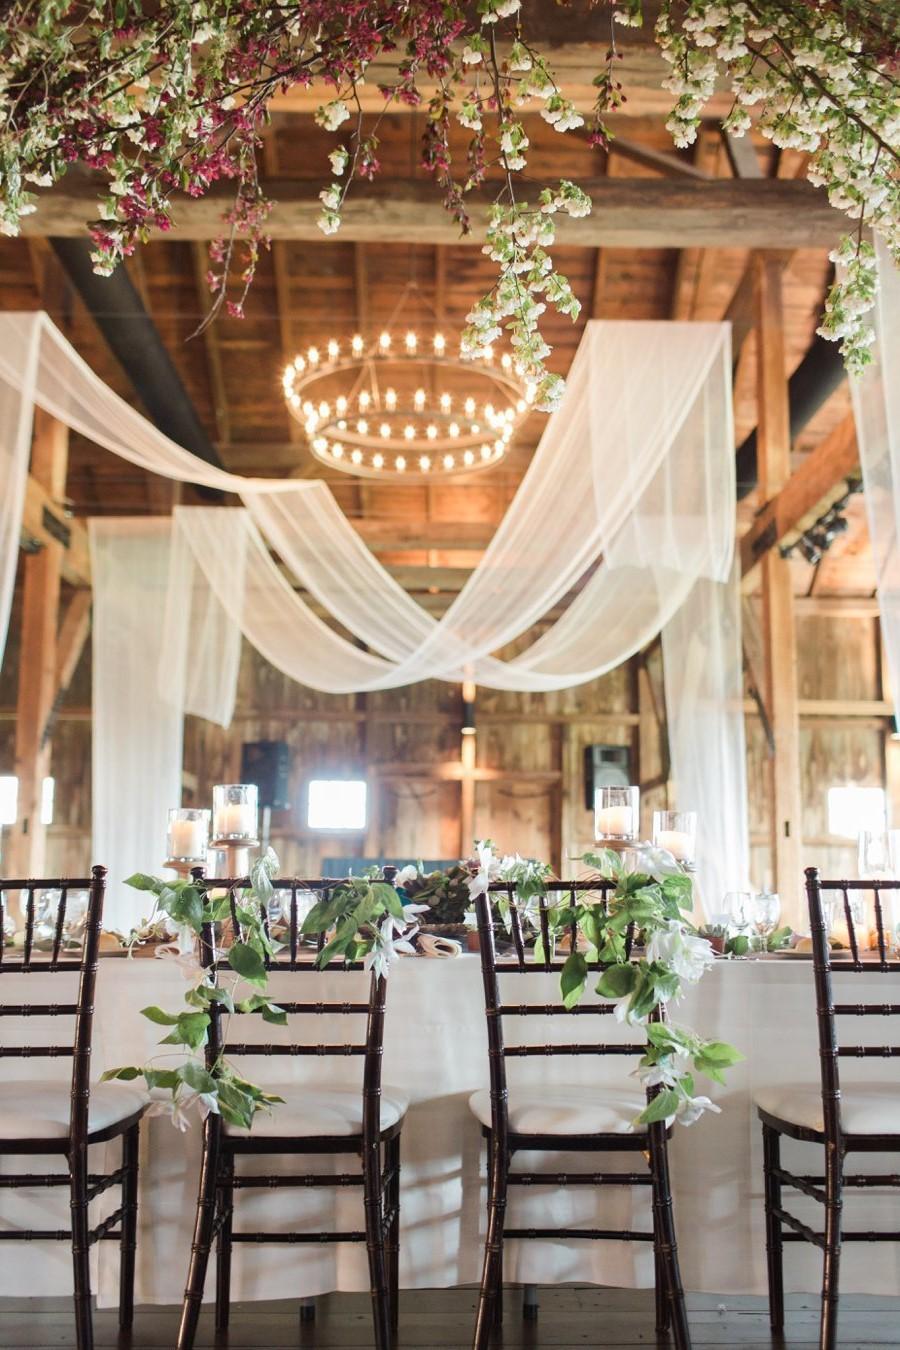 Avec WeddingWire, les couples peuvent lire plus de 3 millions d'avis de fournisseurs et rechercher, comparer et réserver à partir d'une base de données de plus de 400 000 entreprises.